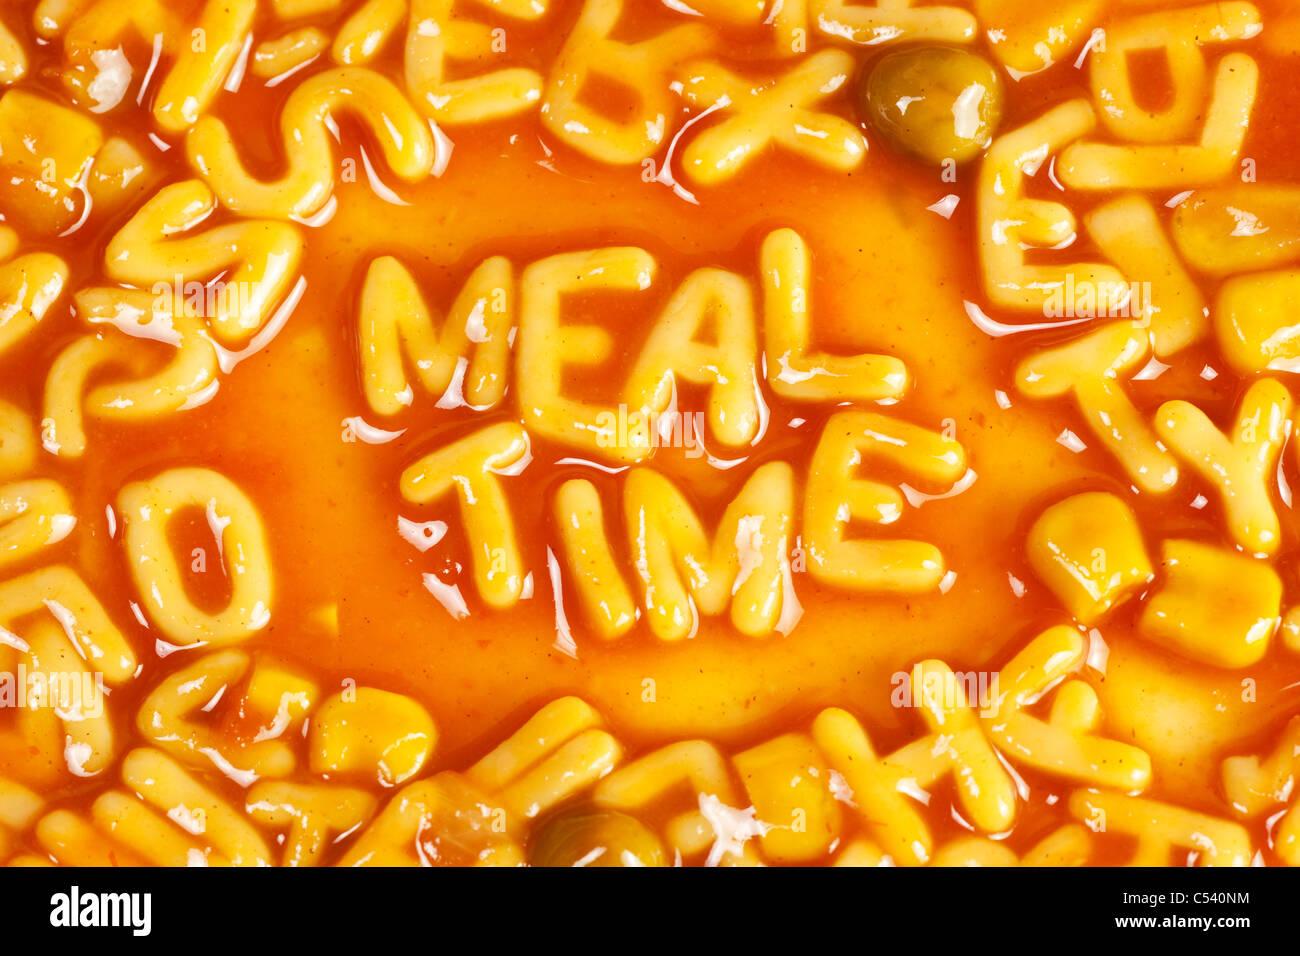 Alfabeto pasta sagomato formante la parola ora della pappa in salsa di pomodoro Immagini Stock